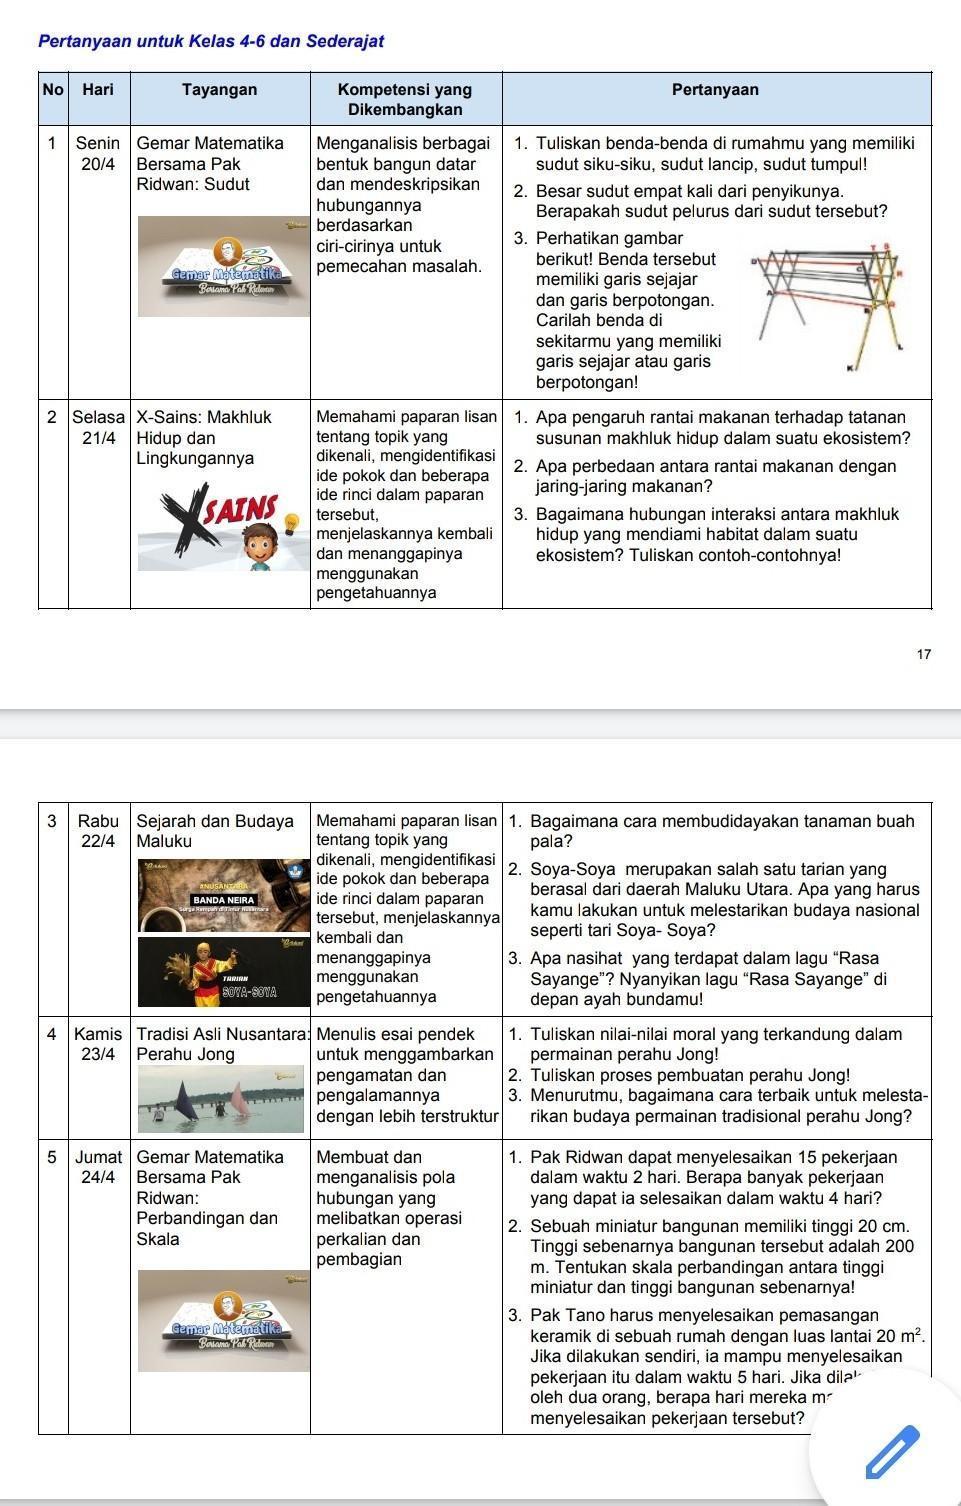 Tuliskan Proses Pembuatan Perahu Jong : tuliskan, proses, pembuatan, perahu, Bantu, Jawab, April, Brainly.co.id